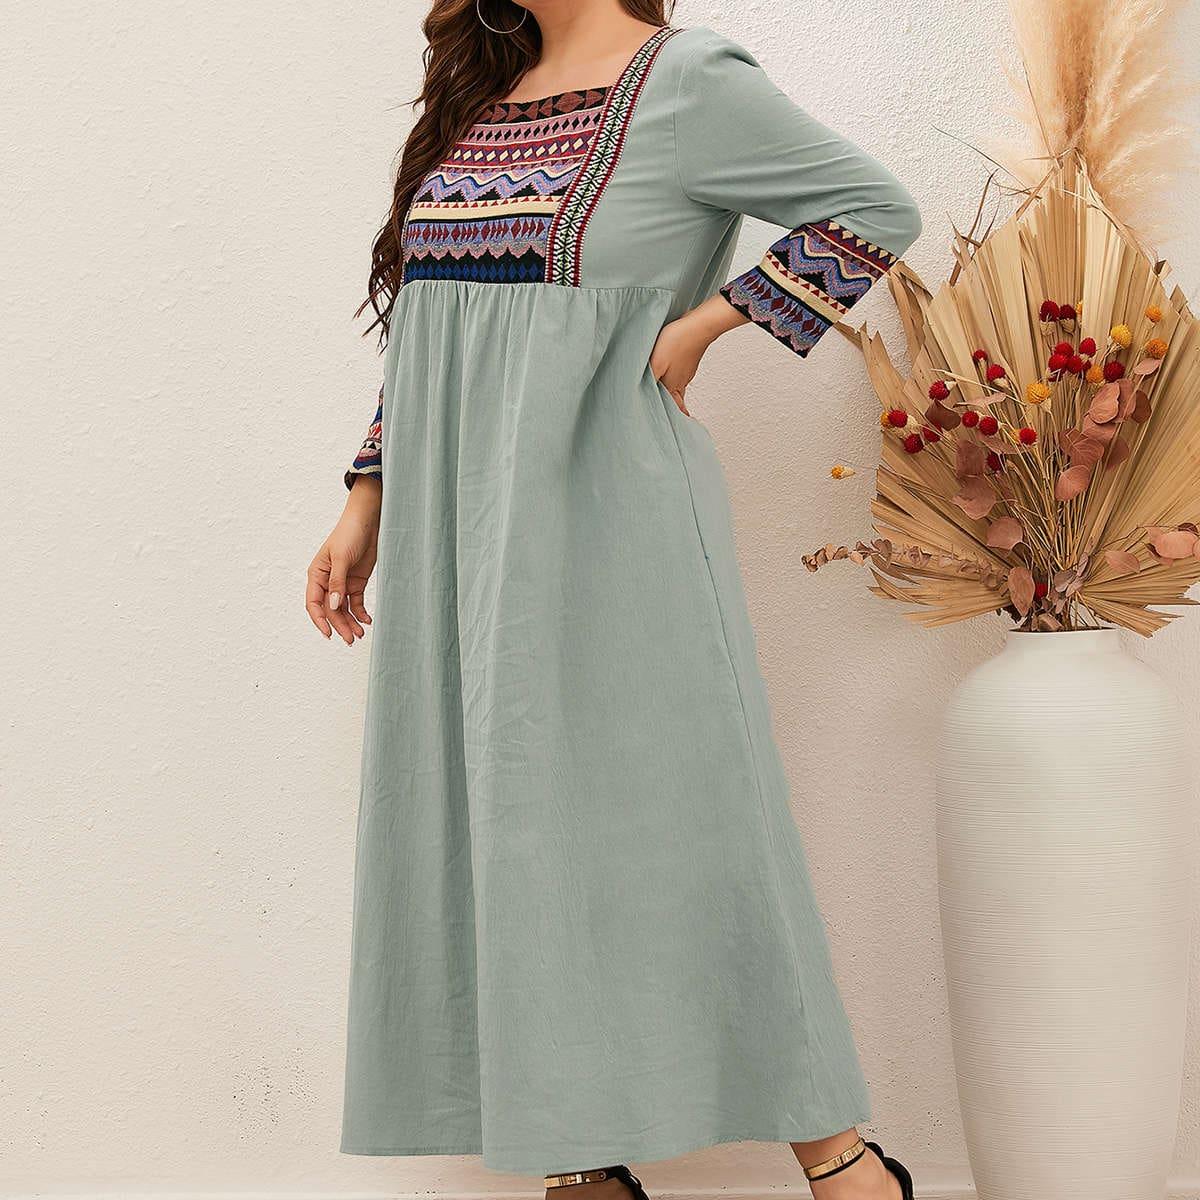 Платье размера плюс с квадратным воротником и геометрическим узором